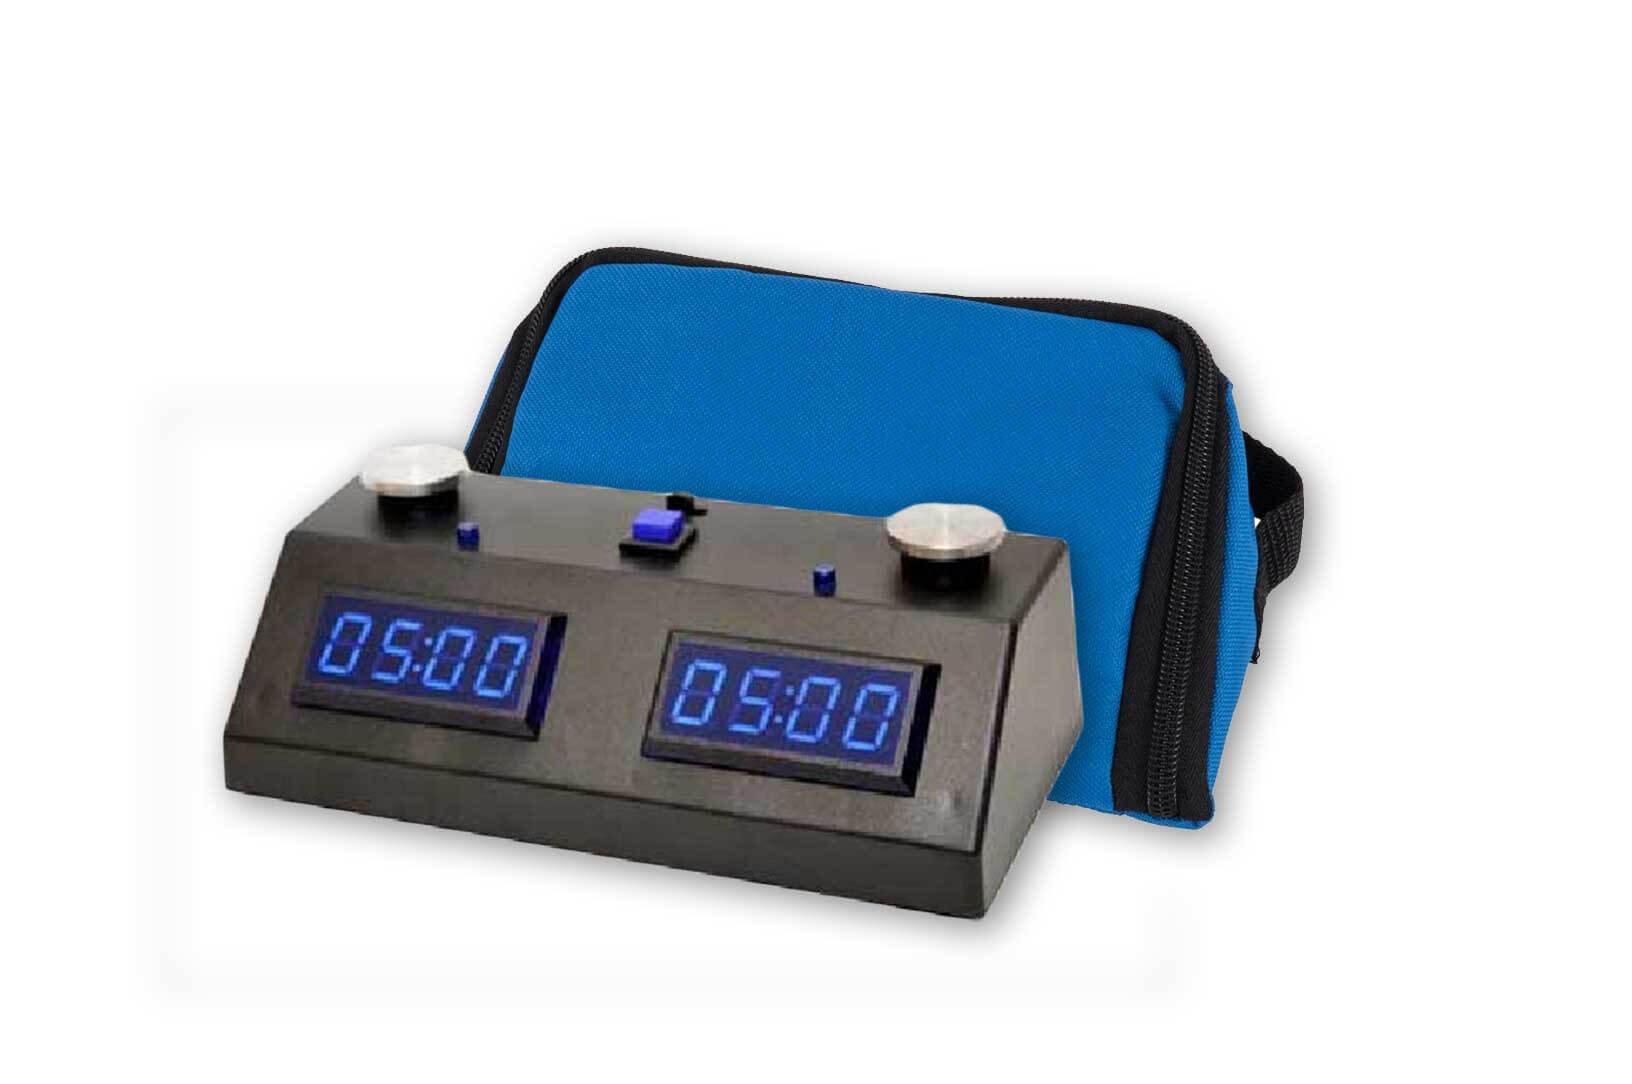 ZMart Fun II Digital Chess Clock - BLACK/BLUE with Wedge Bag